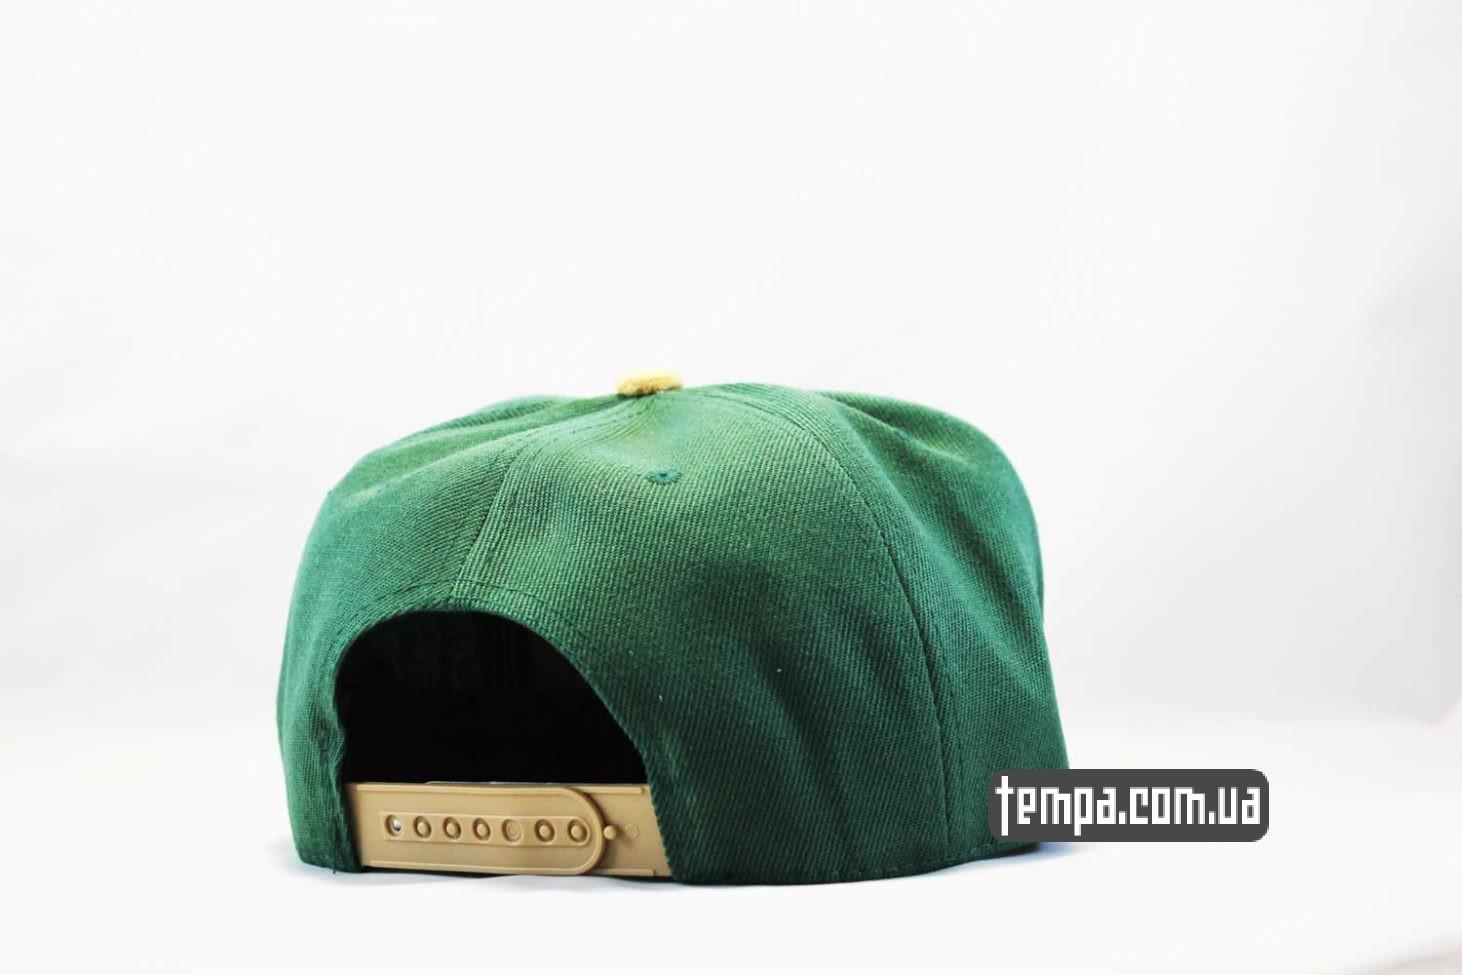 где купить америкаснкую одежду киев одесса кепка бейсболка snapback cayler and sons forest hill зеленая